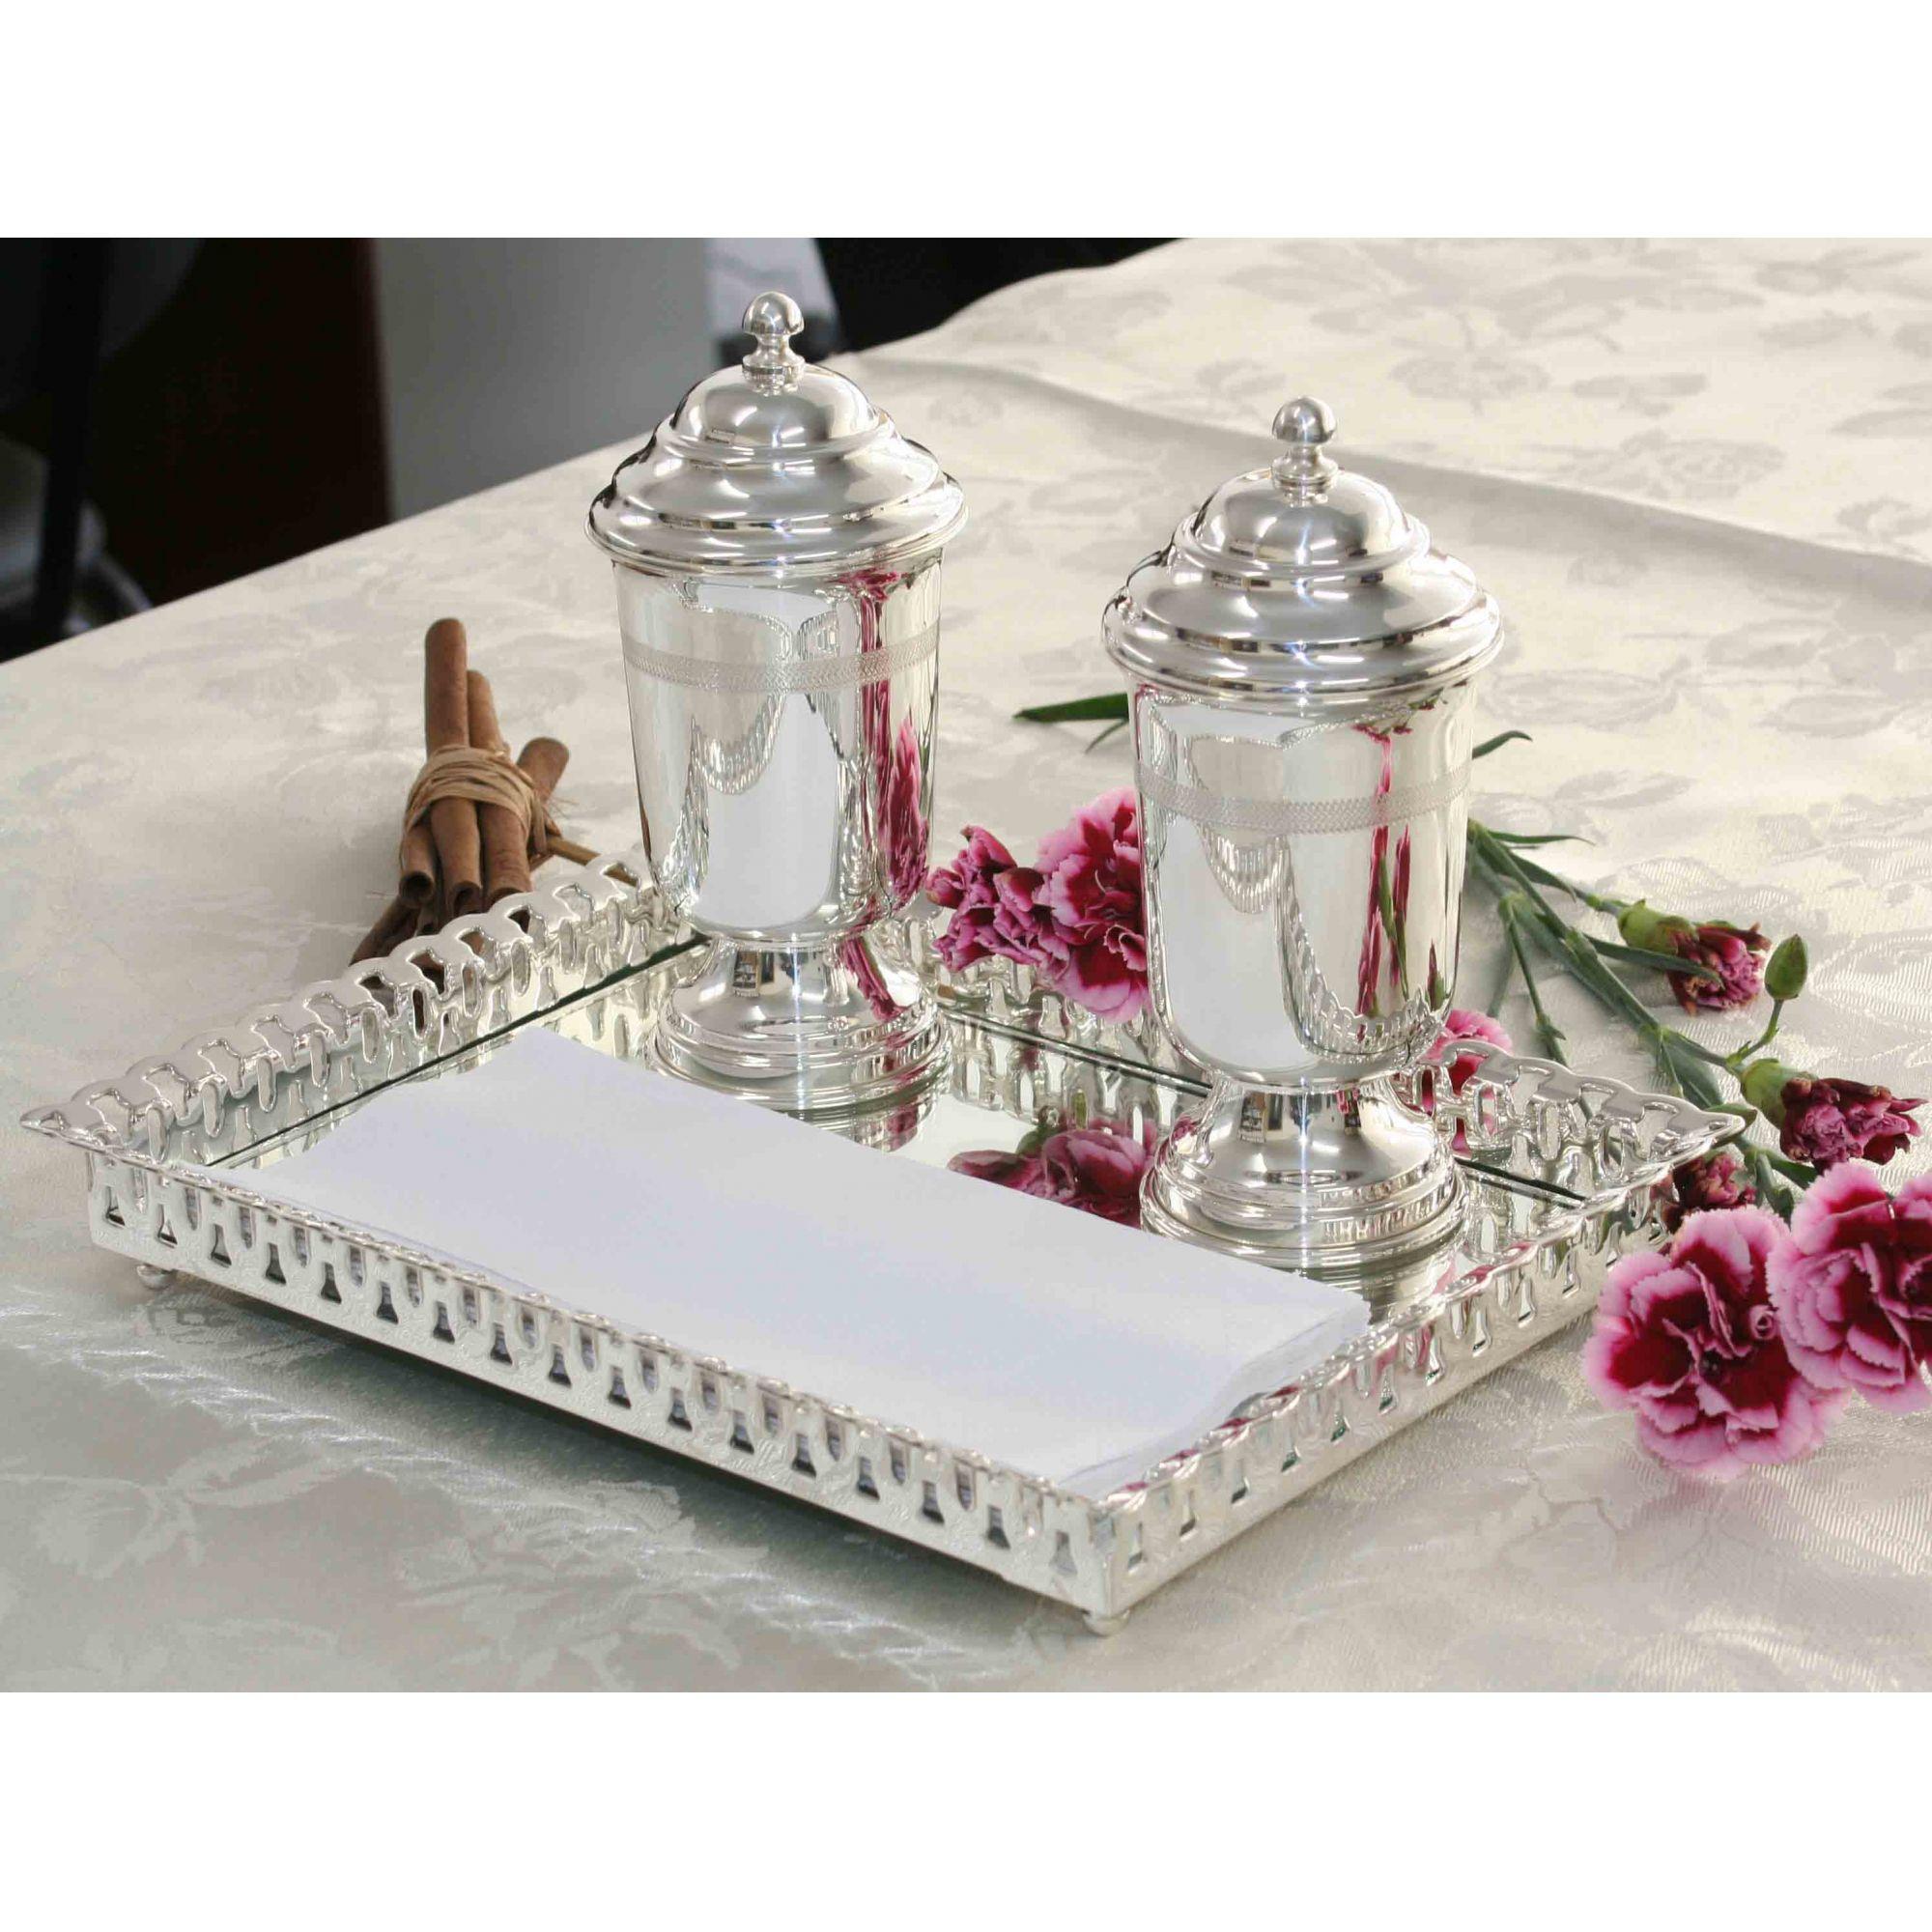 Kit decorativo com bandeja grade renda e taças Vick